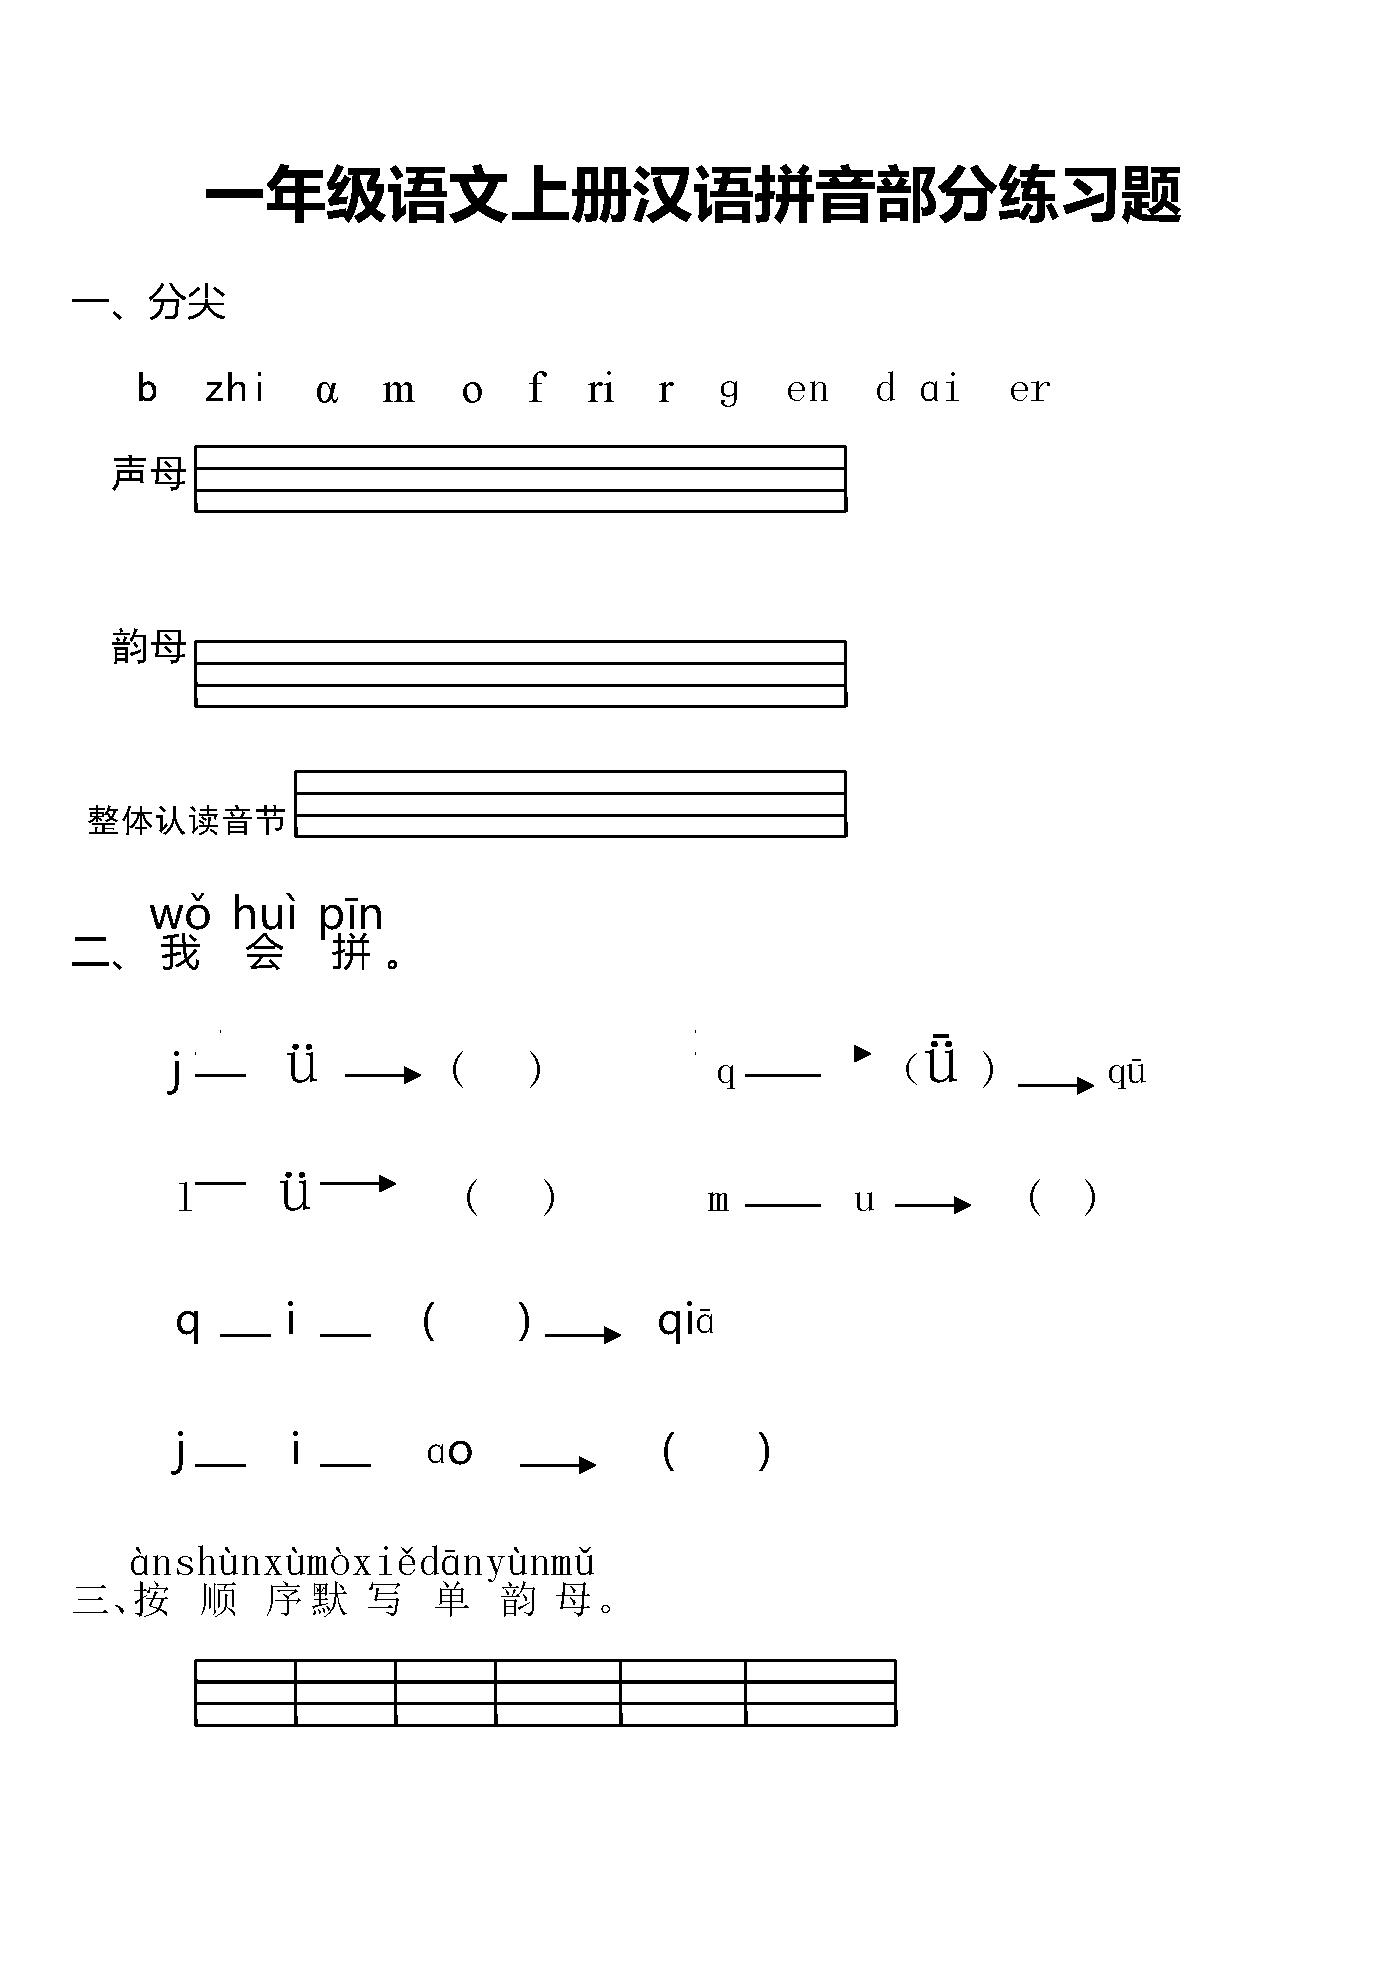 小学一年级语文上册汉语拼音部分练习题